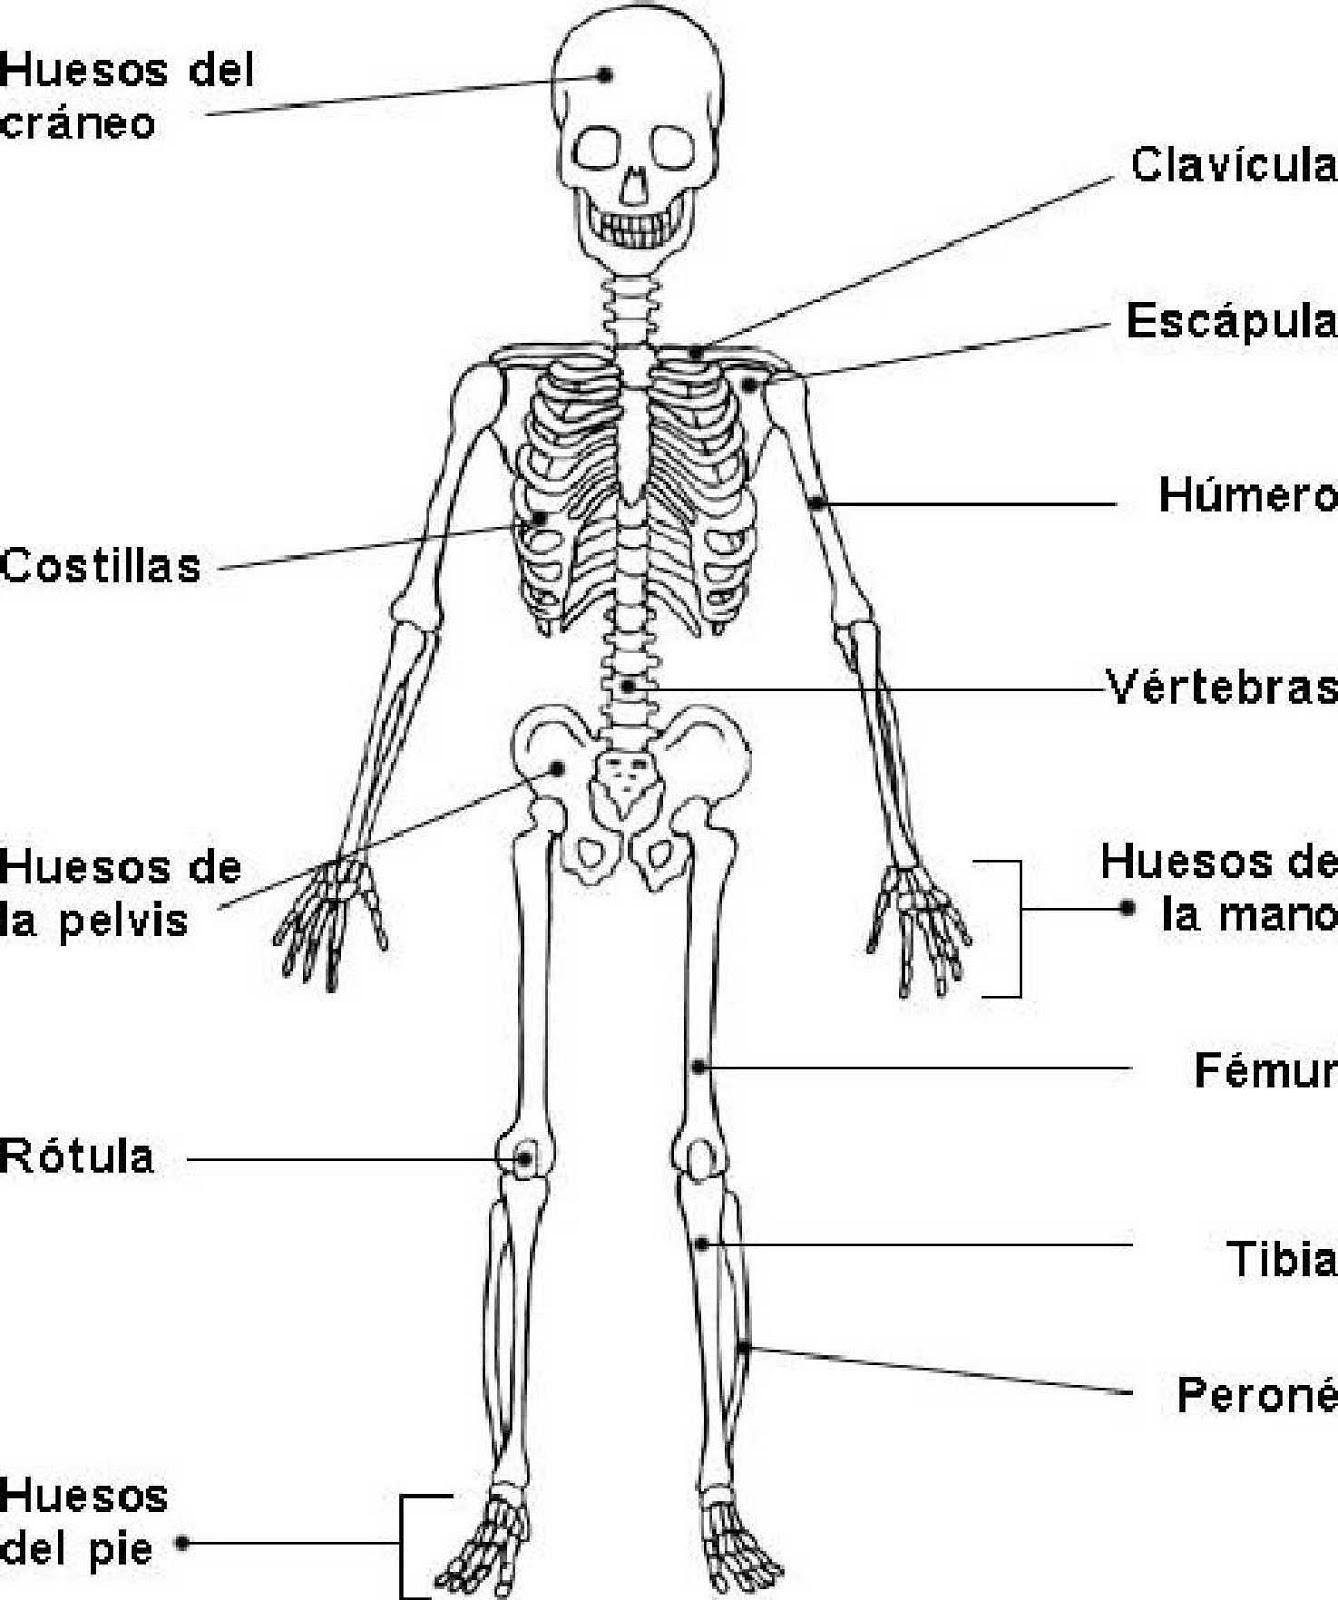 ENFERMEDADES DEL CUERPO HUMANO: Sistema Oseo